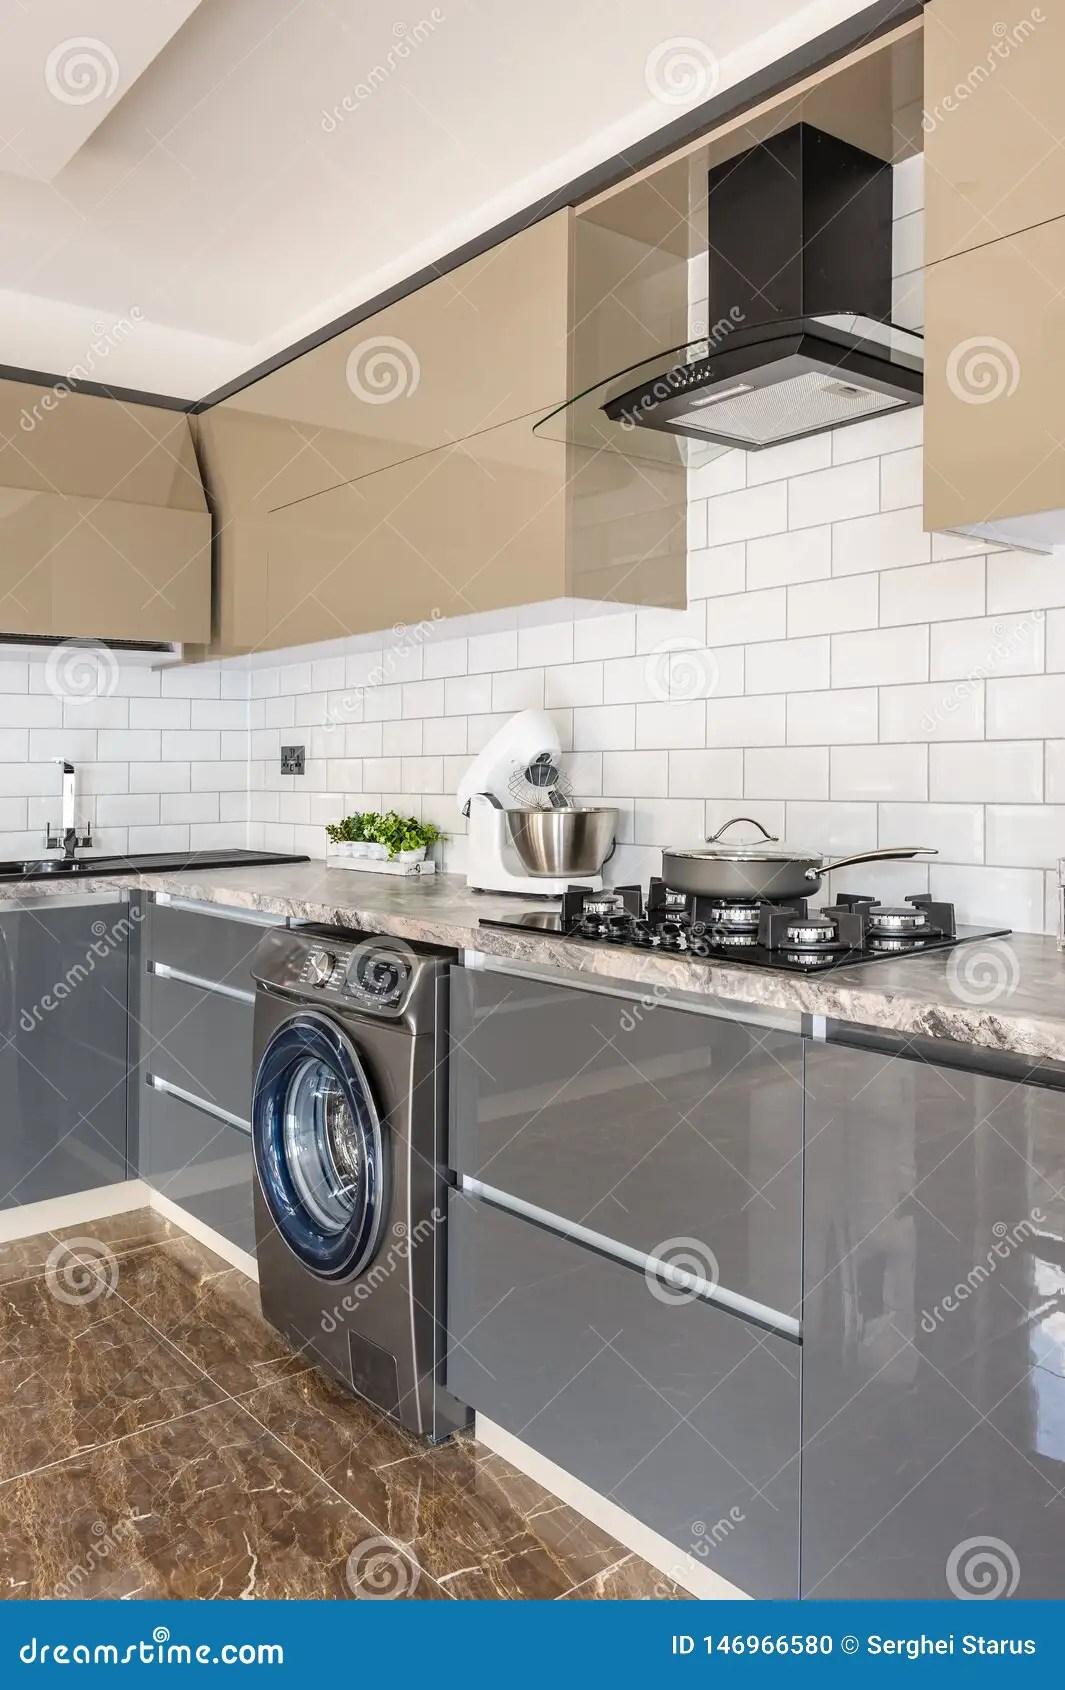 https fr dreamstime com plan rapproch d int rieur blanc beige gris moderne luxe cuisine grise blanche con ue spacieuse surface travail image146966580